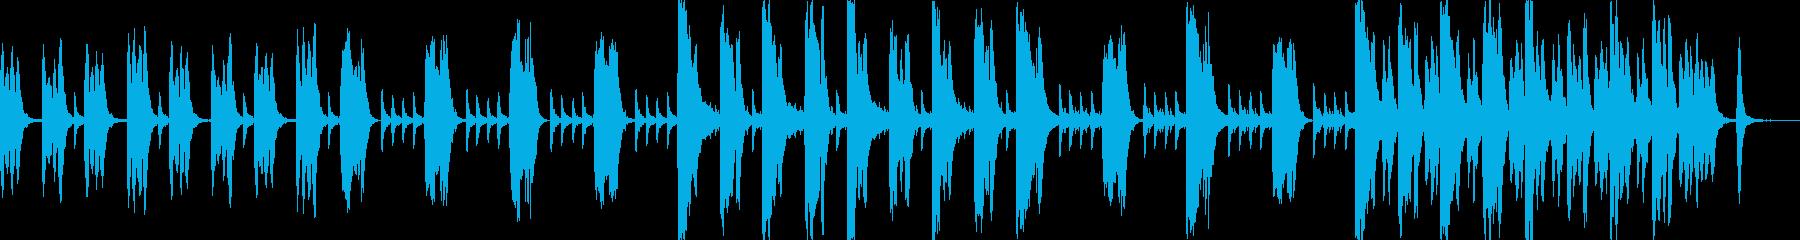 日常で使える気のゆるいBGMの再生済みの波形